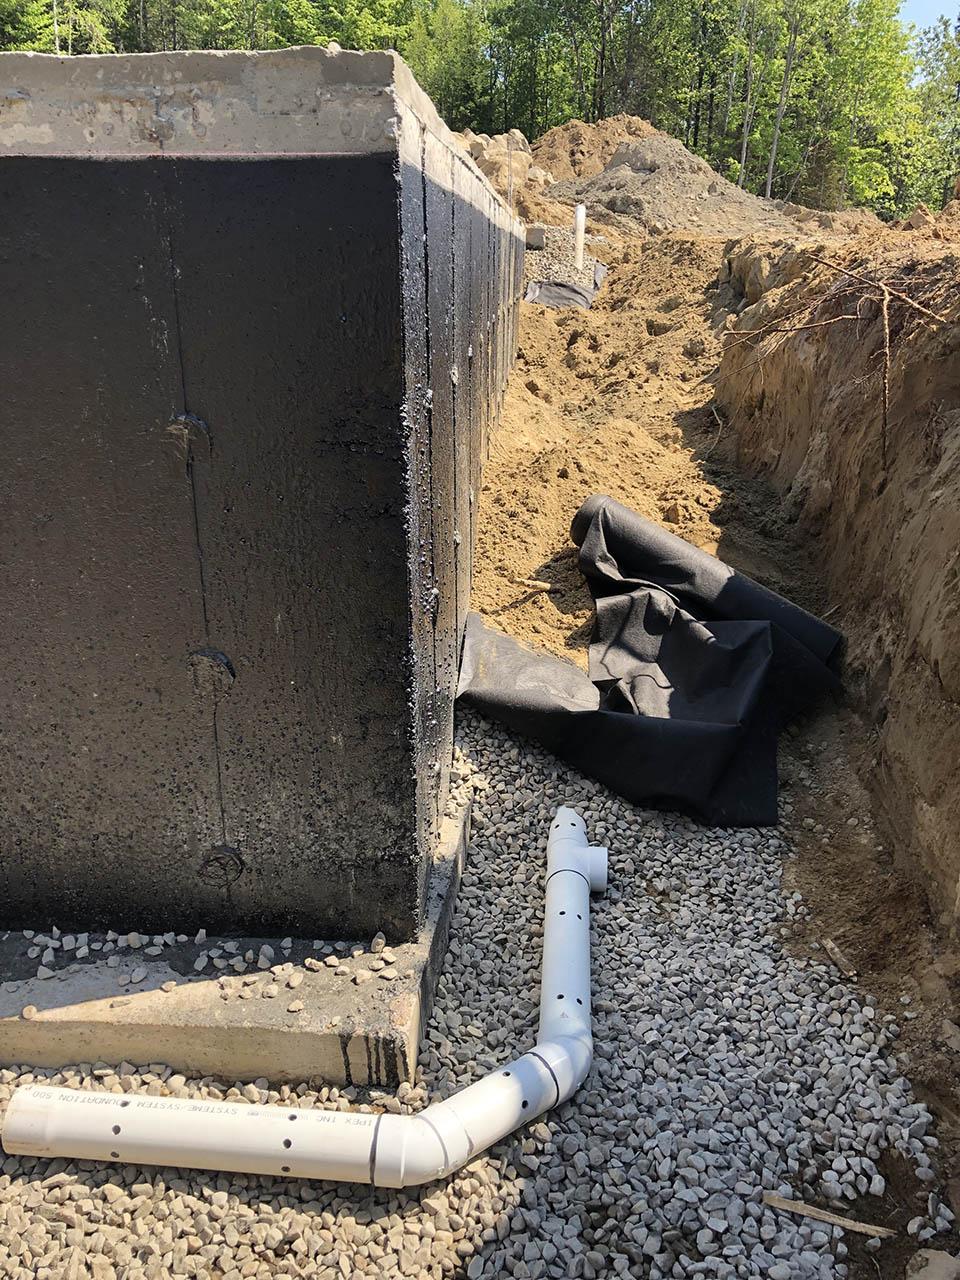 Installation et réparation de drain français à Joliette - Imperméabilisation L.L à St-Alphonse-Rodriguez